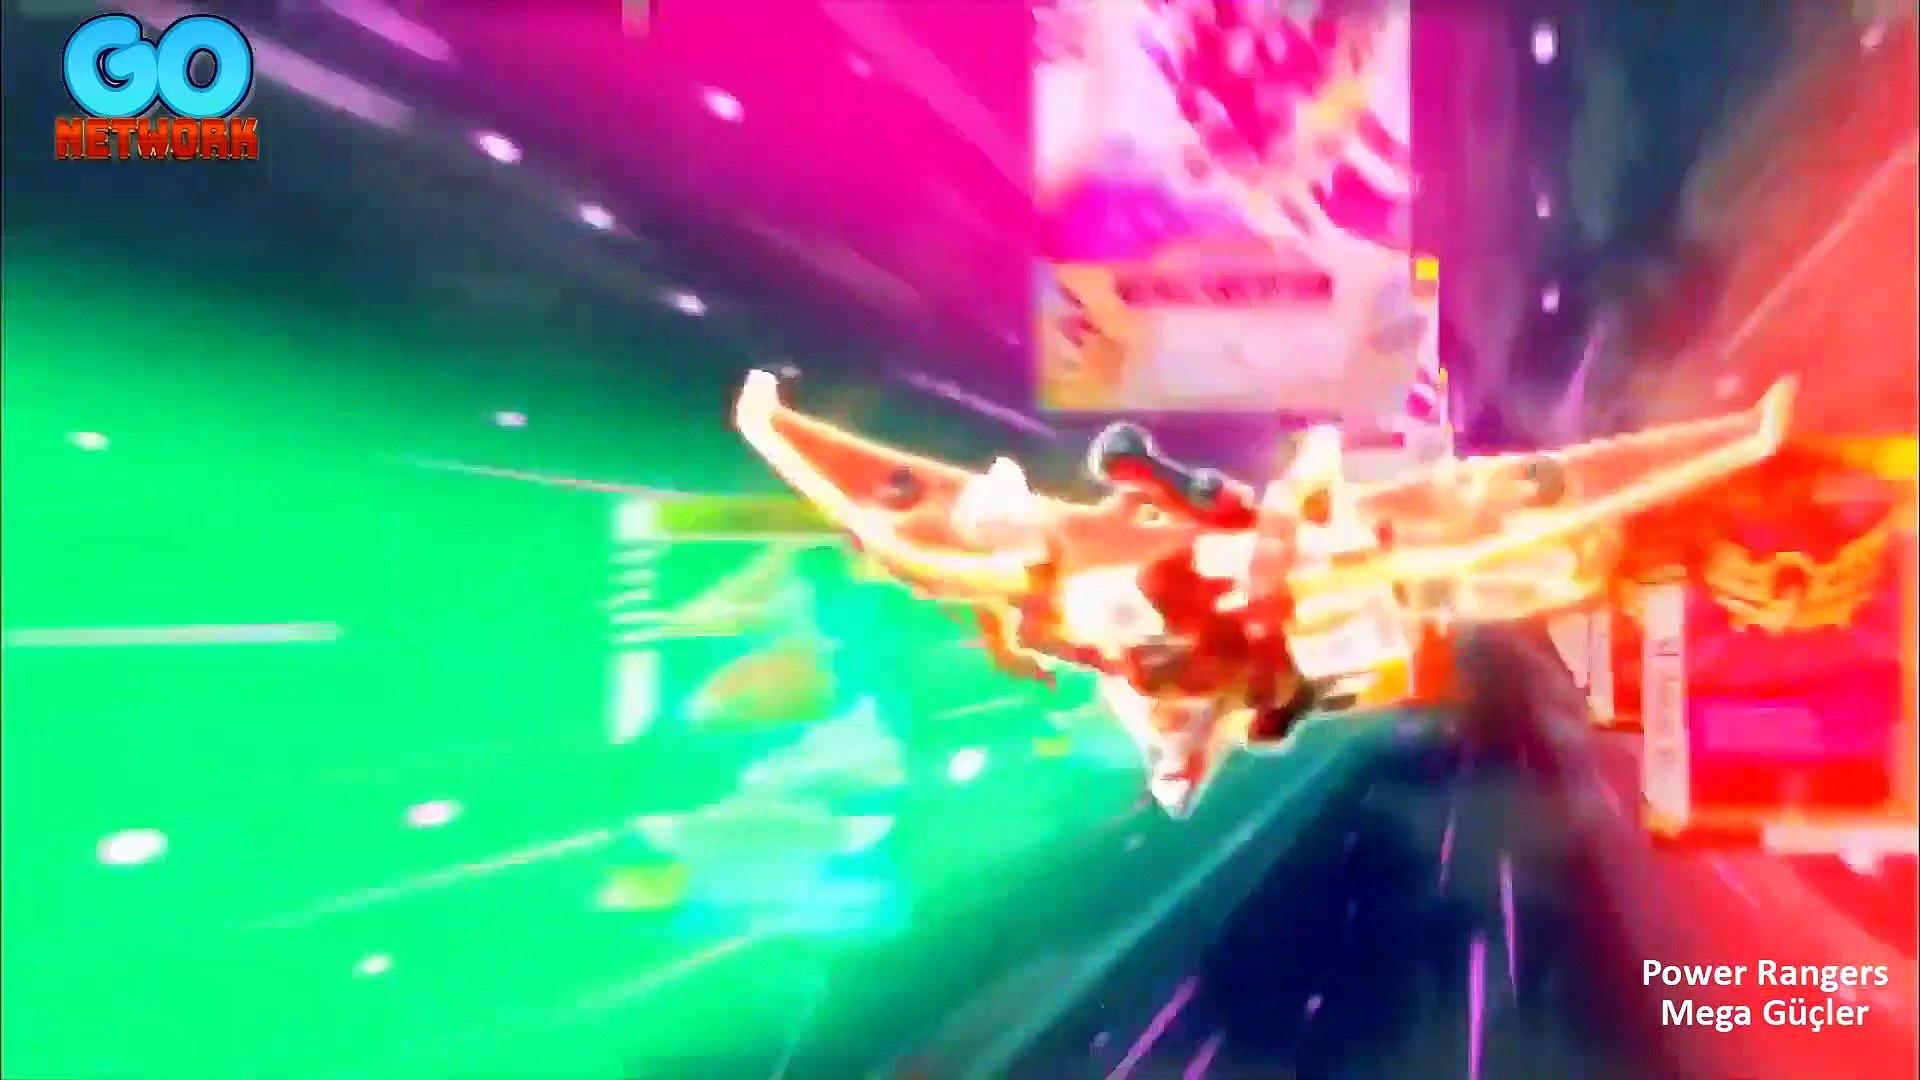 Power Rangers Mega Güçler 3.Bölüm Virüs Yayılıyor Bluray Full Hd